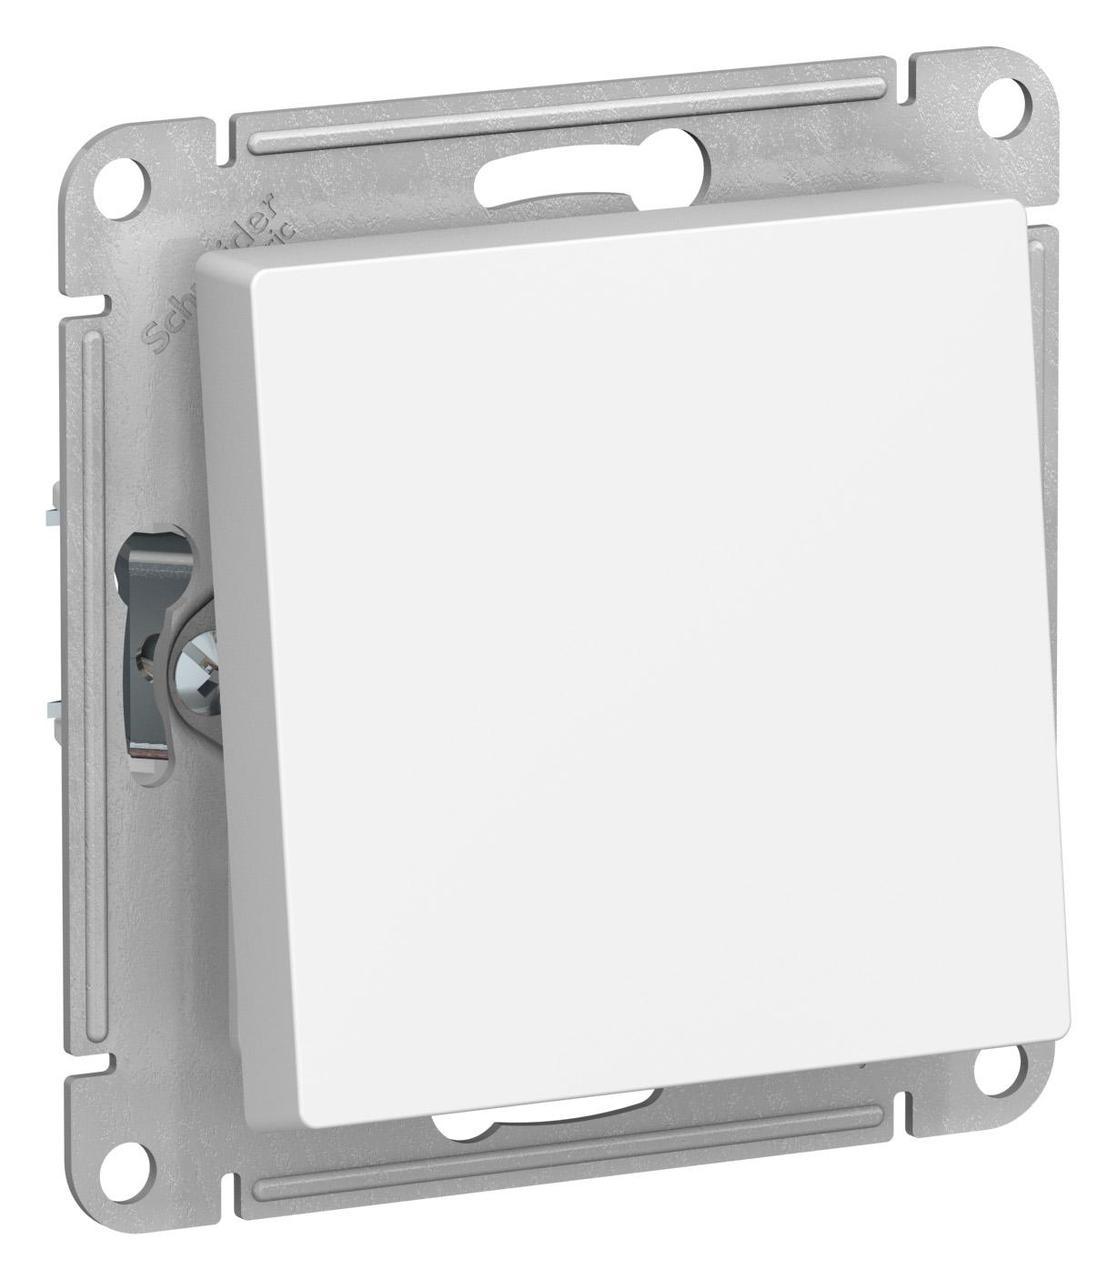 Выключатель 1-клавишный; влагозащищенный IP44 проходной (с двух мест) , Белый, серия Atlas Design, Schneider